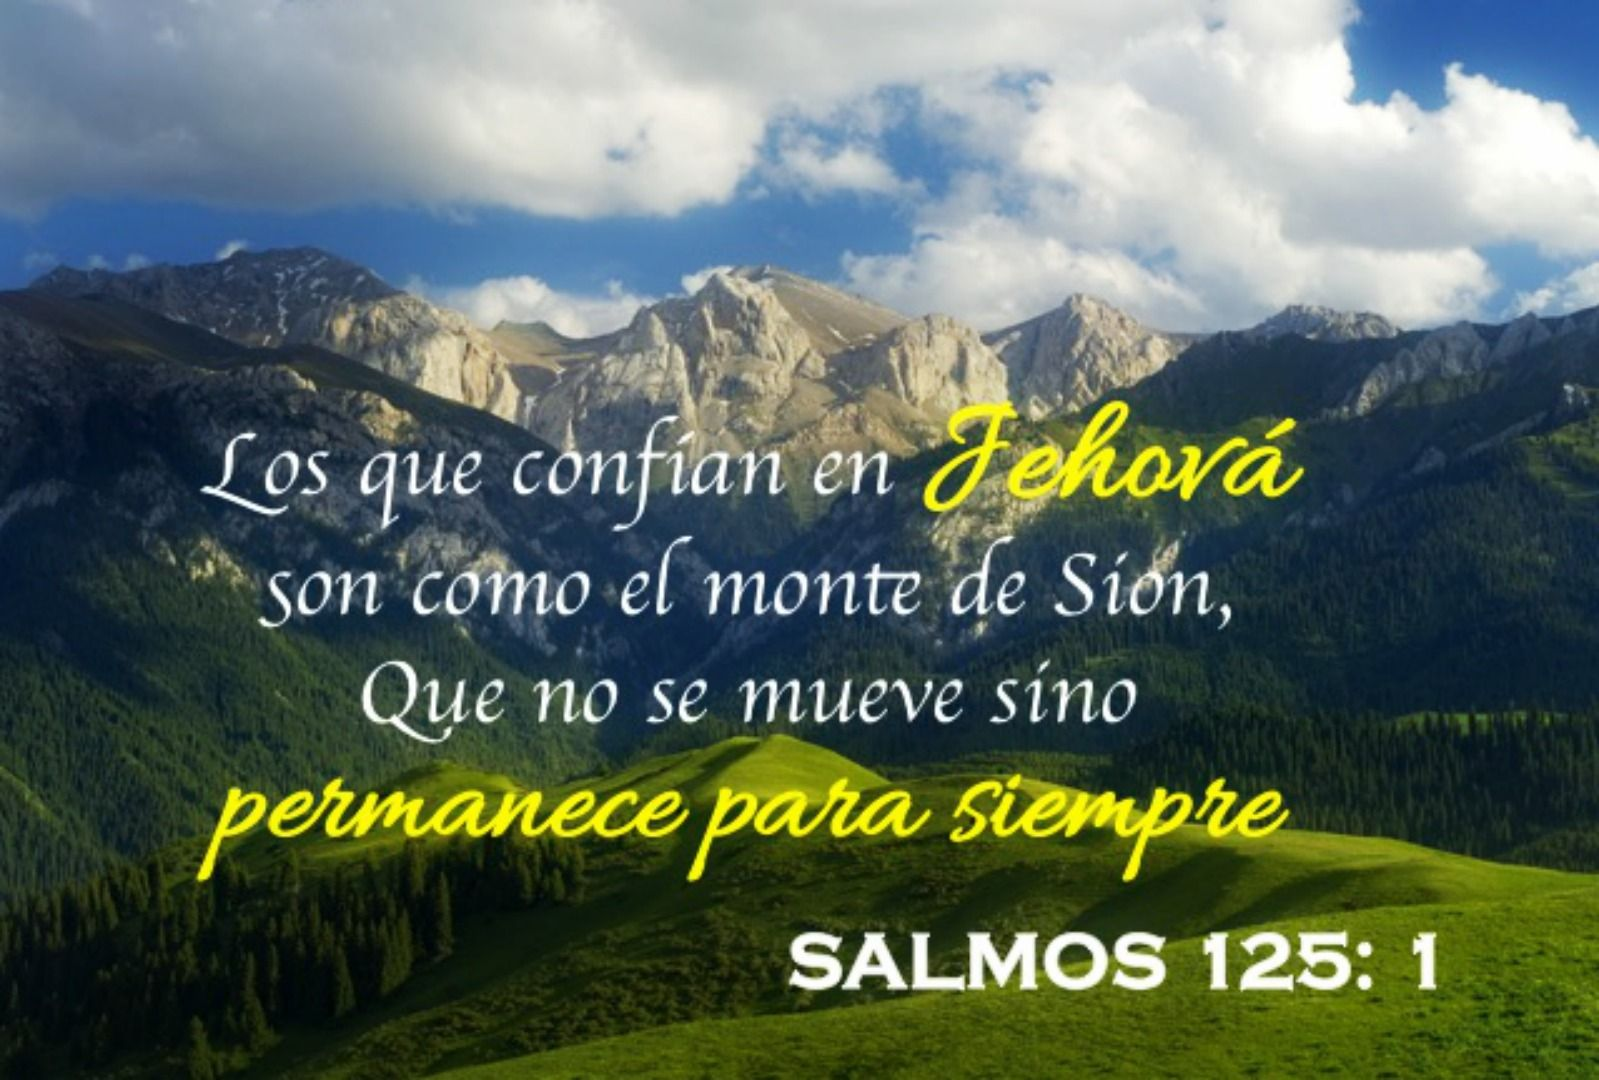 Resultado de imagen para salmo 125